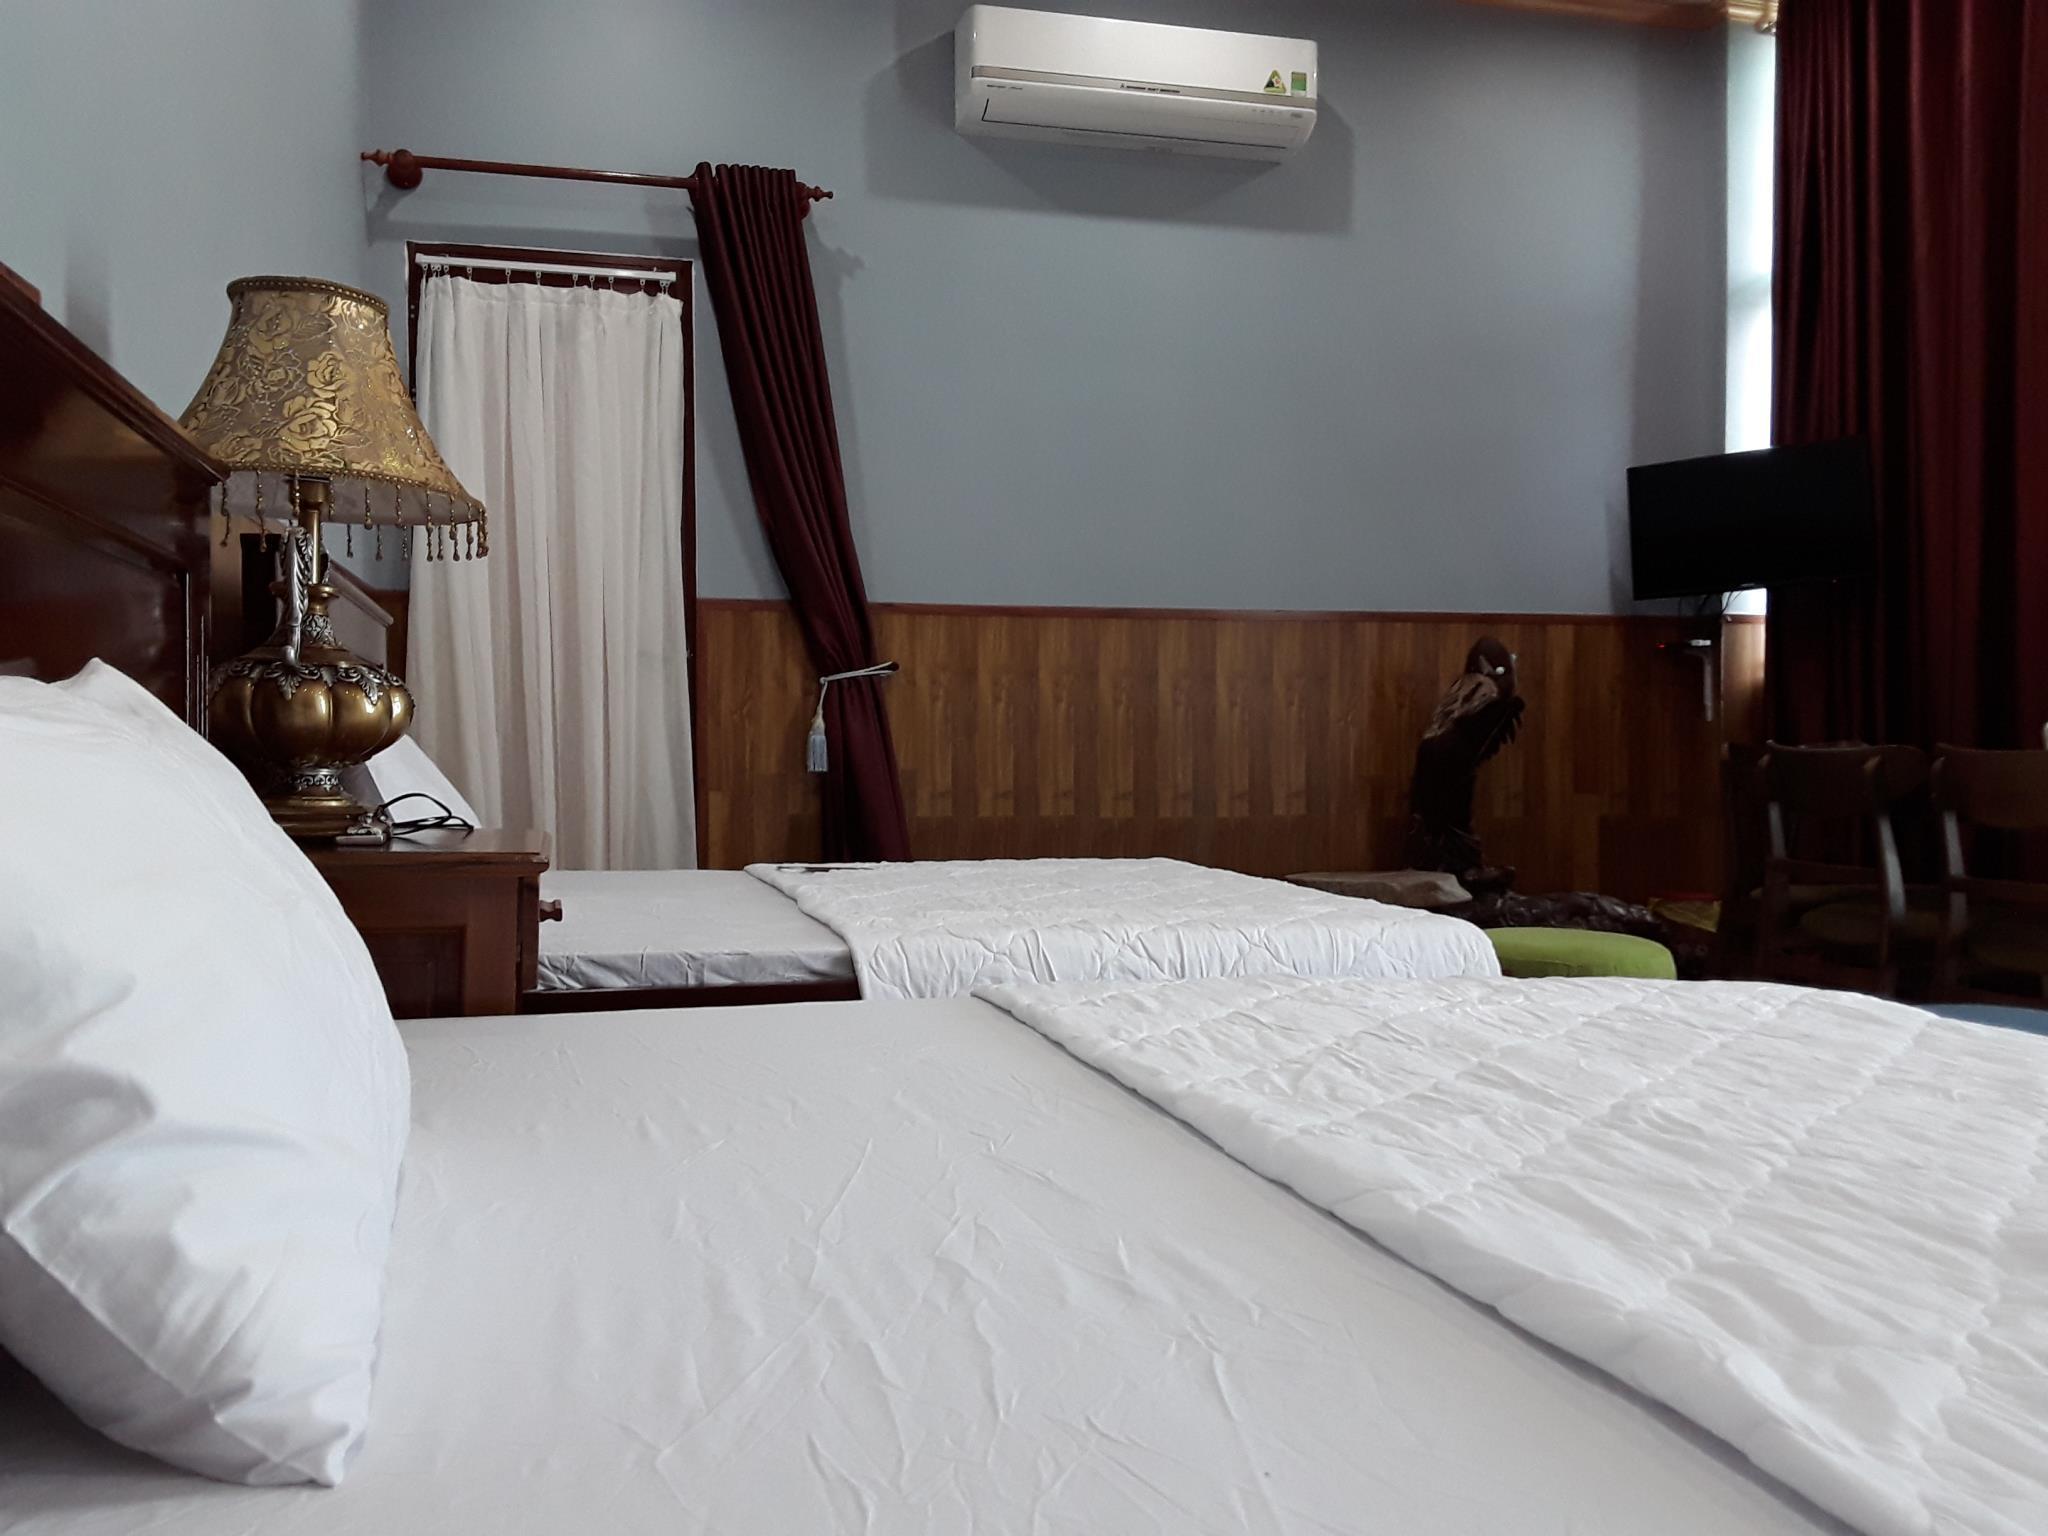 hotel mini T&t, Côn Đảo